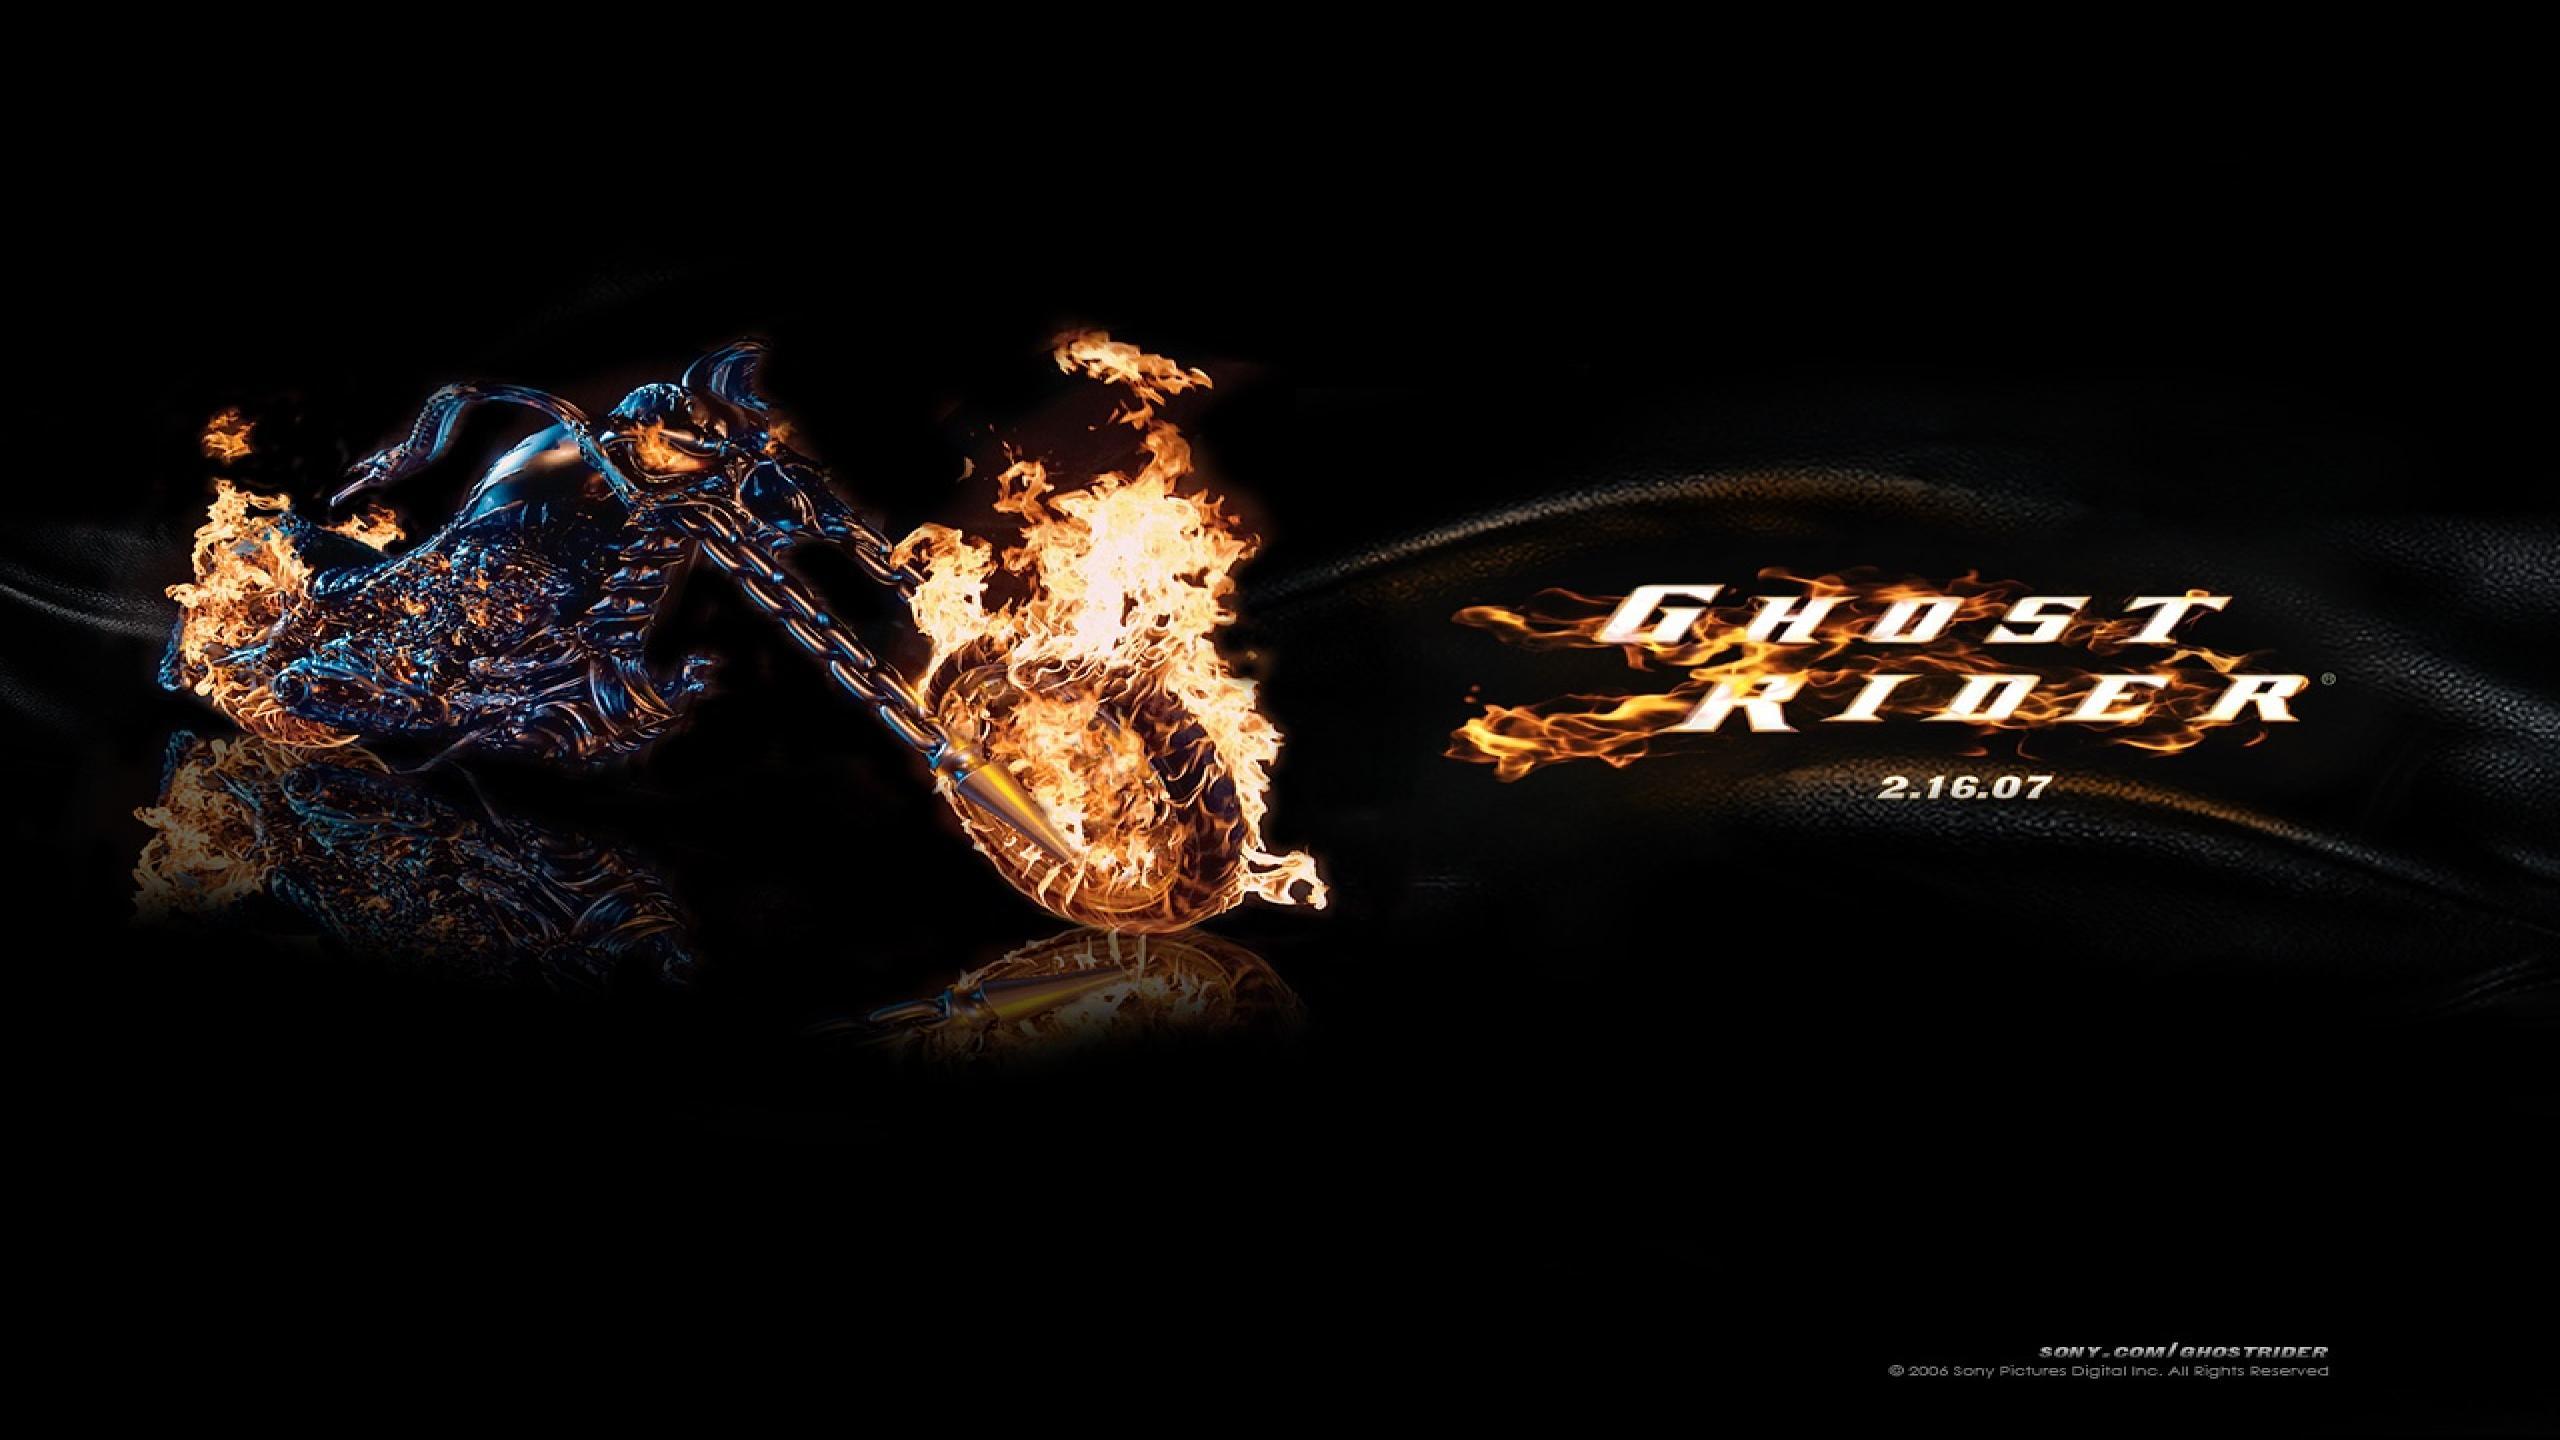 Download Movie desktop wallpapersGhost Rider desktop wallpapers 2560x1440